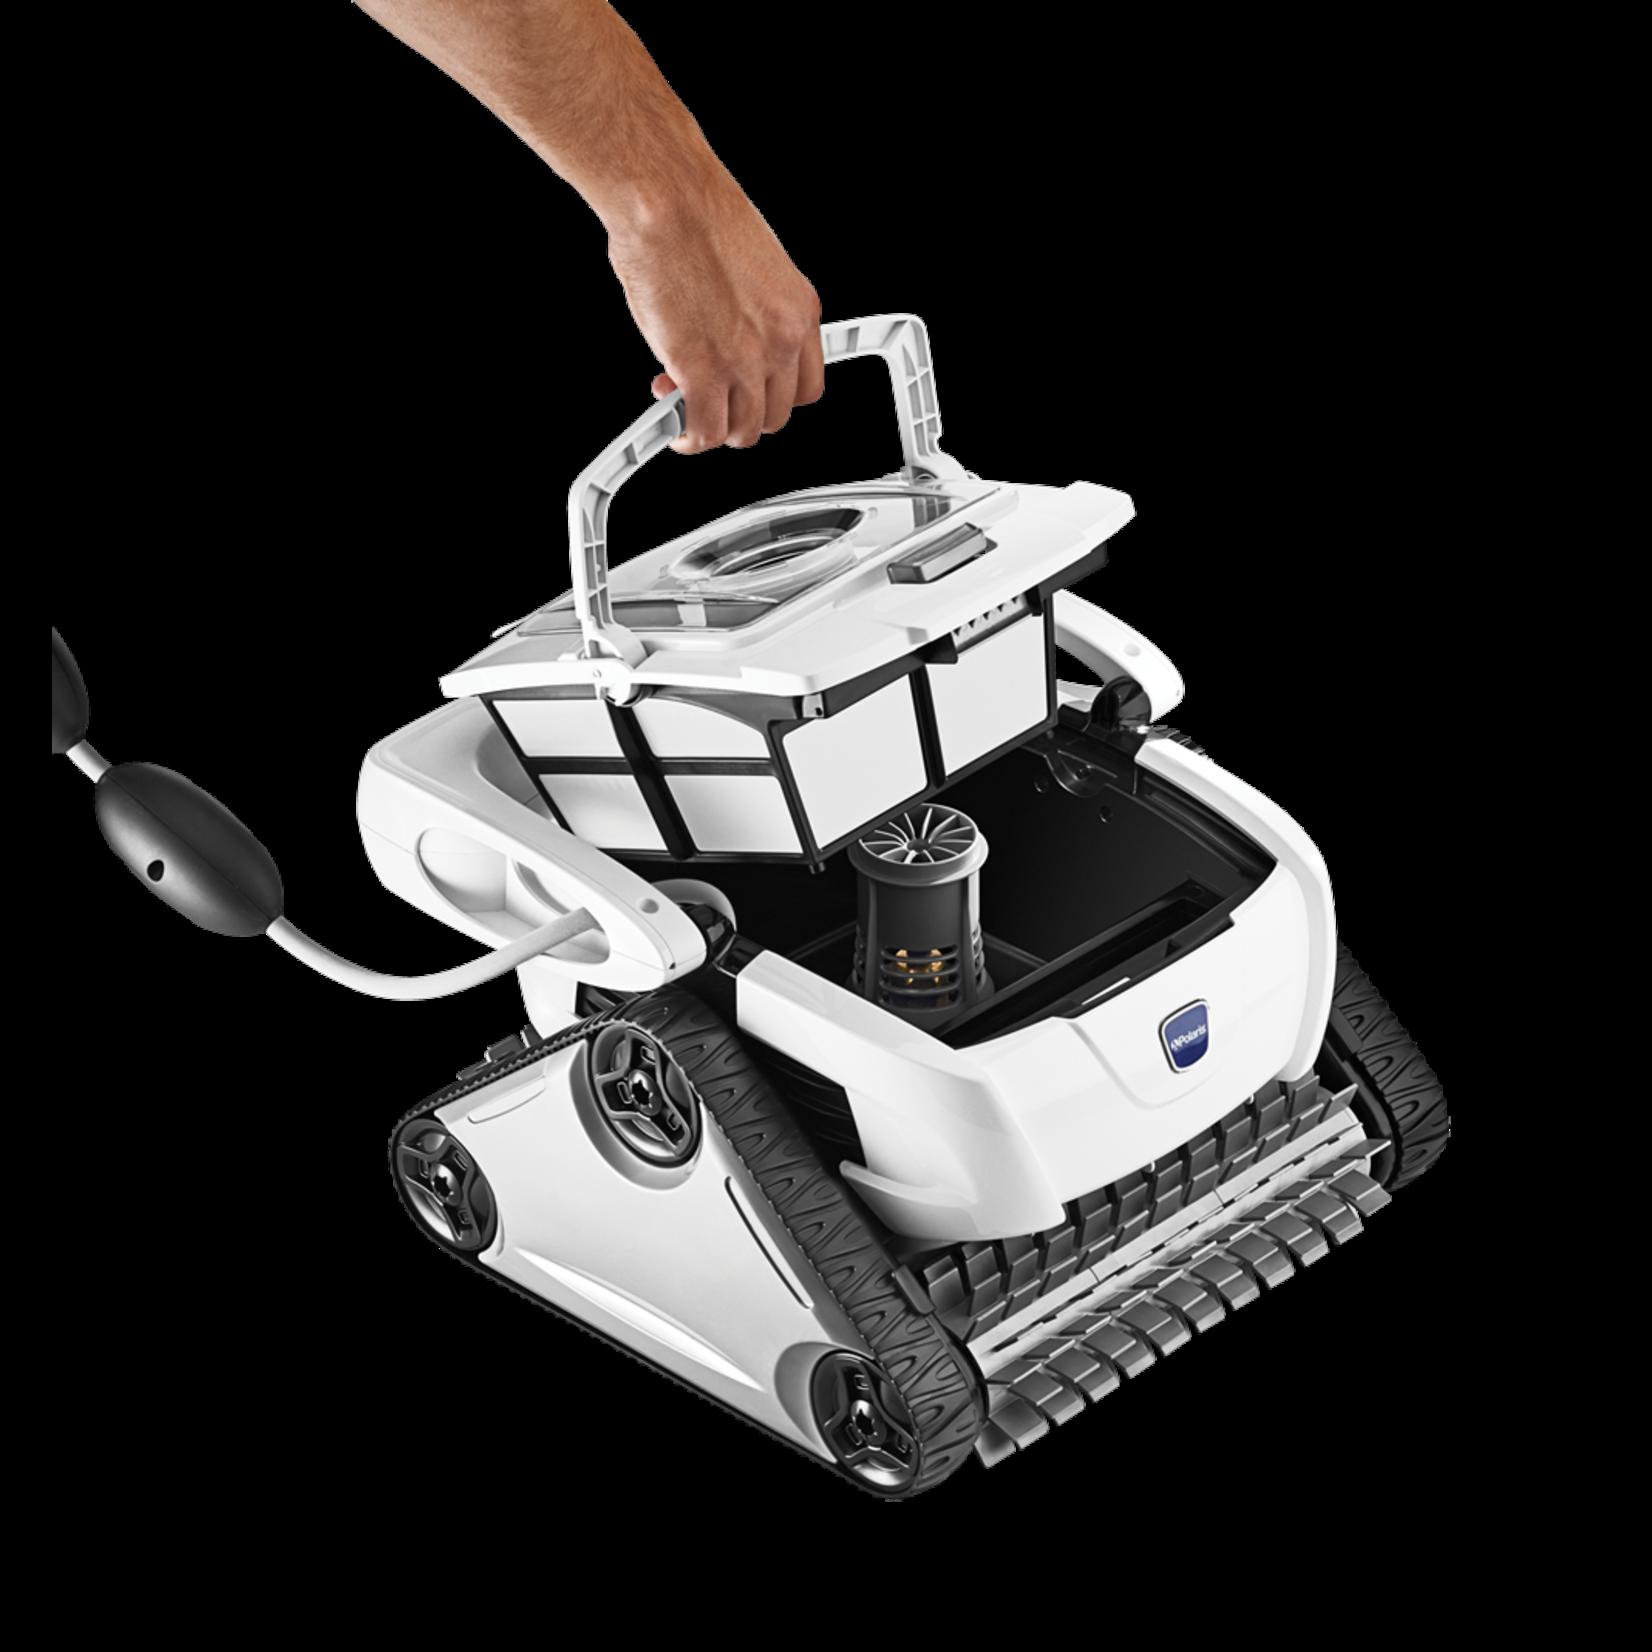 Polaris POLARIS ROBOTIC CLEANER 825